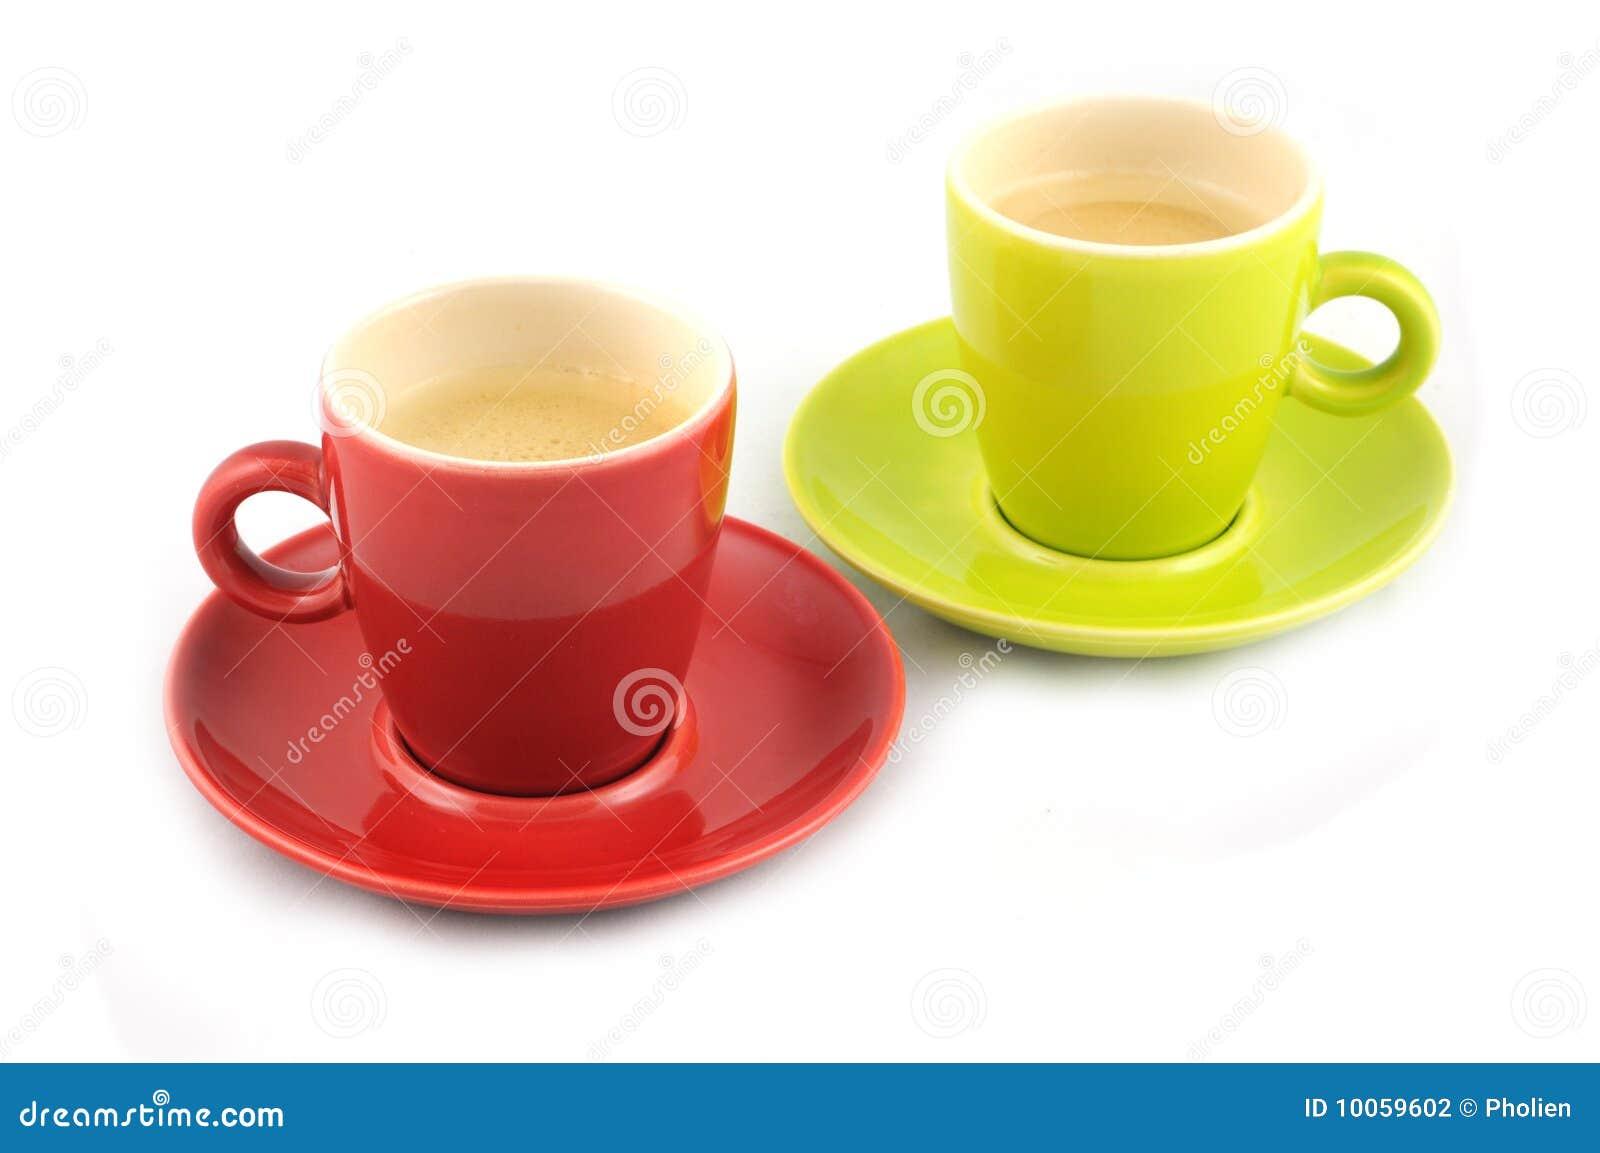 Chávena de café verde e vermelha